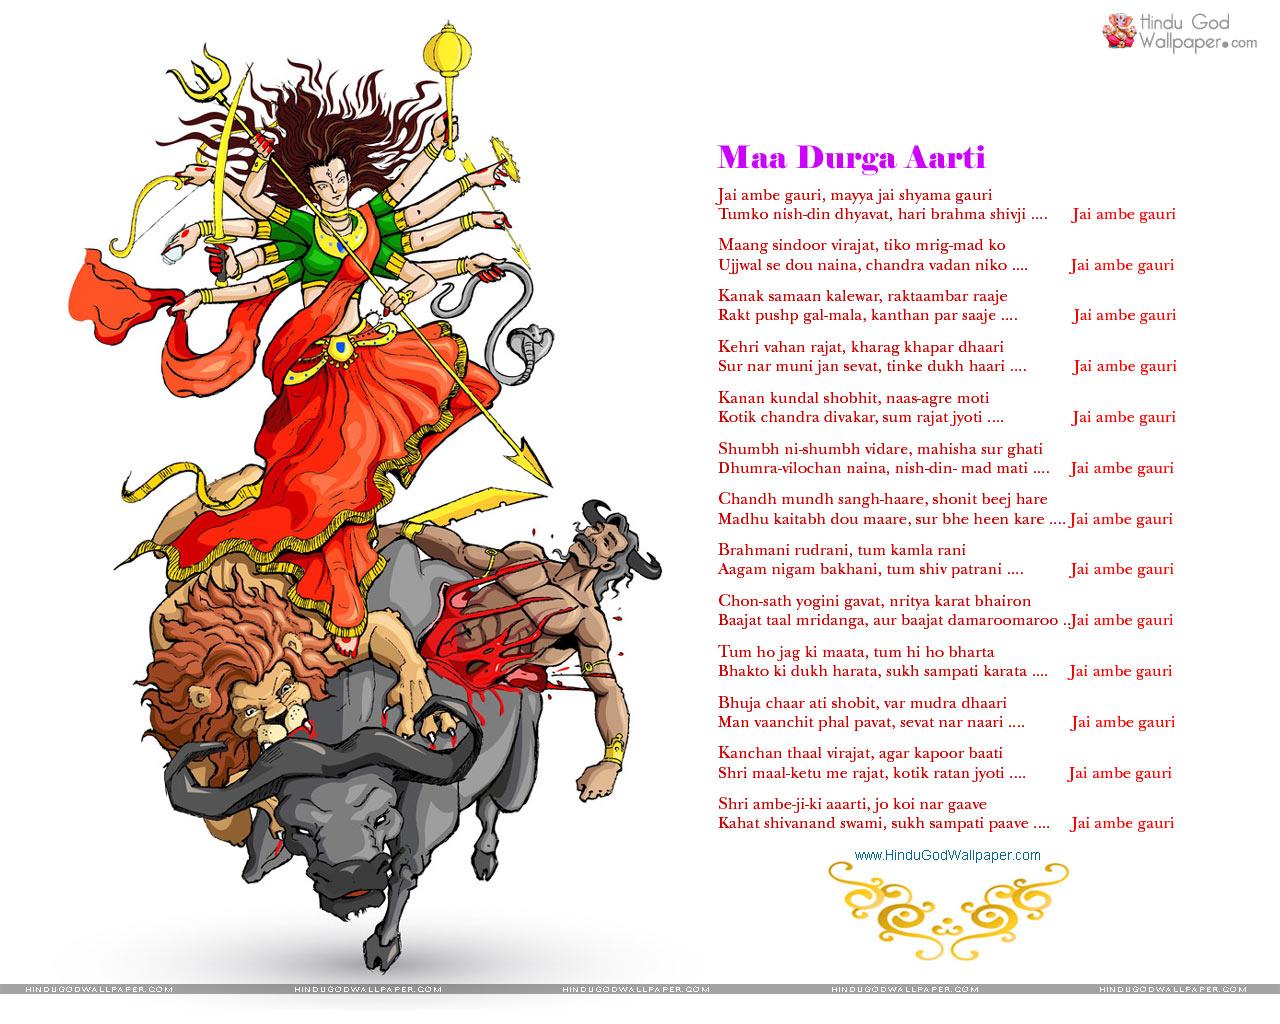 Durga Puja Hd Wallpaper For Desktop Download